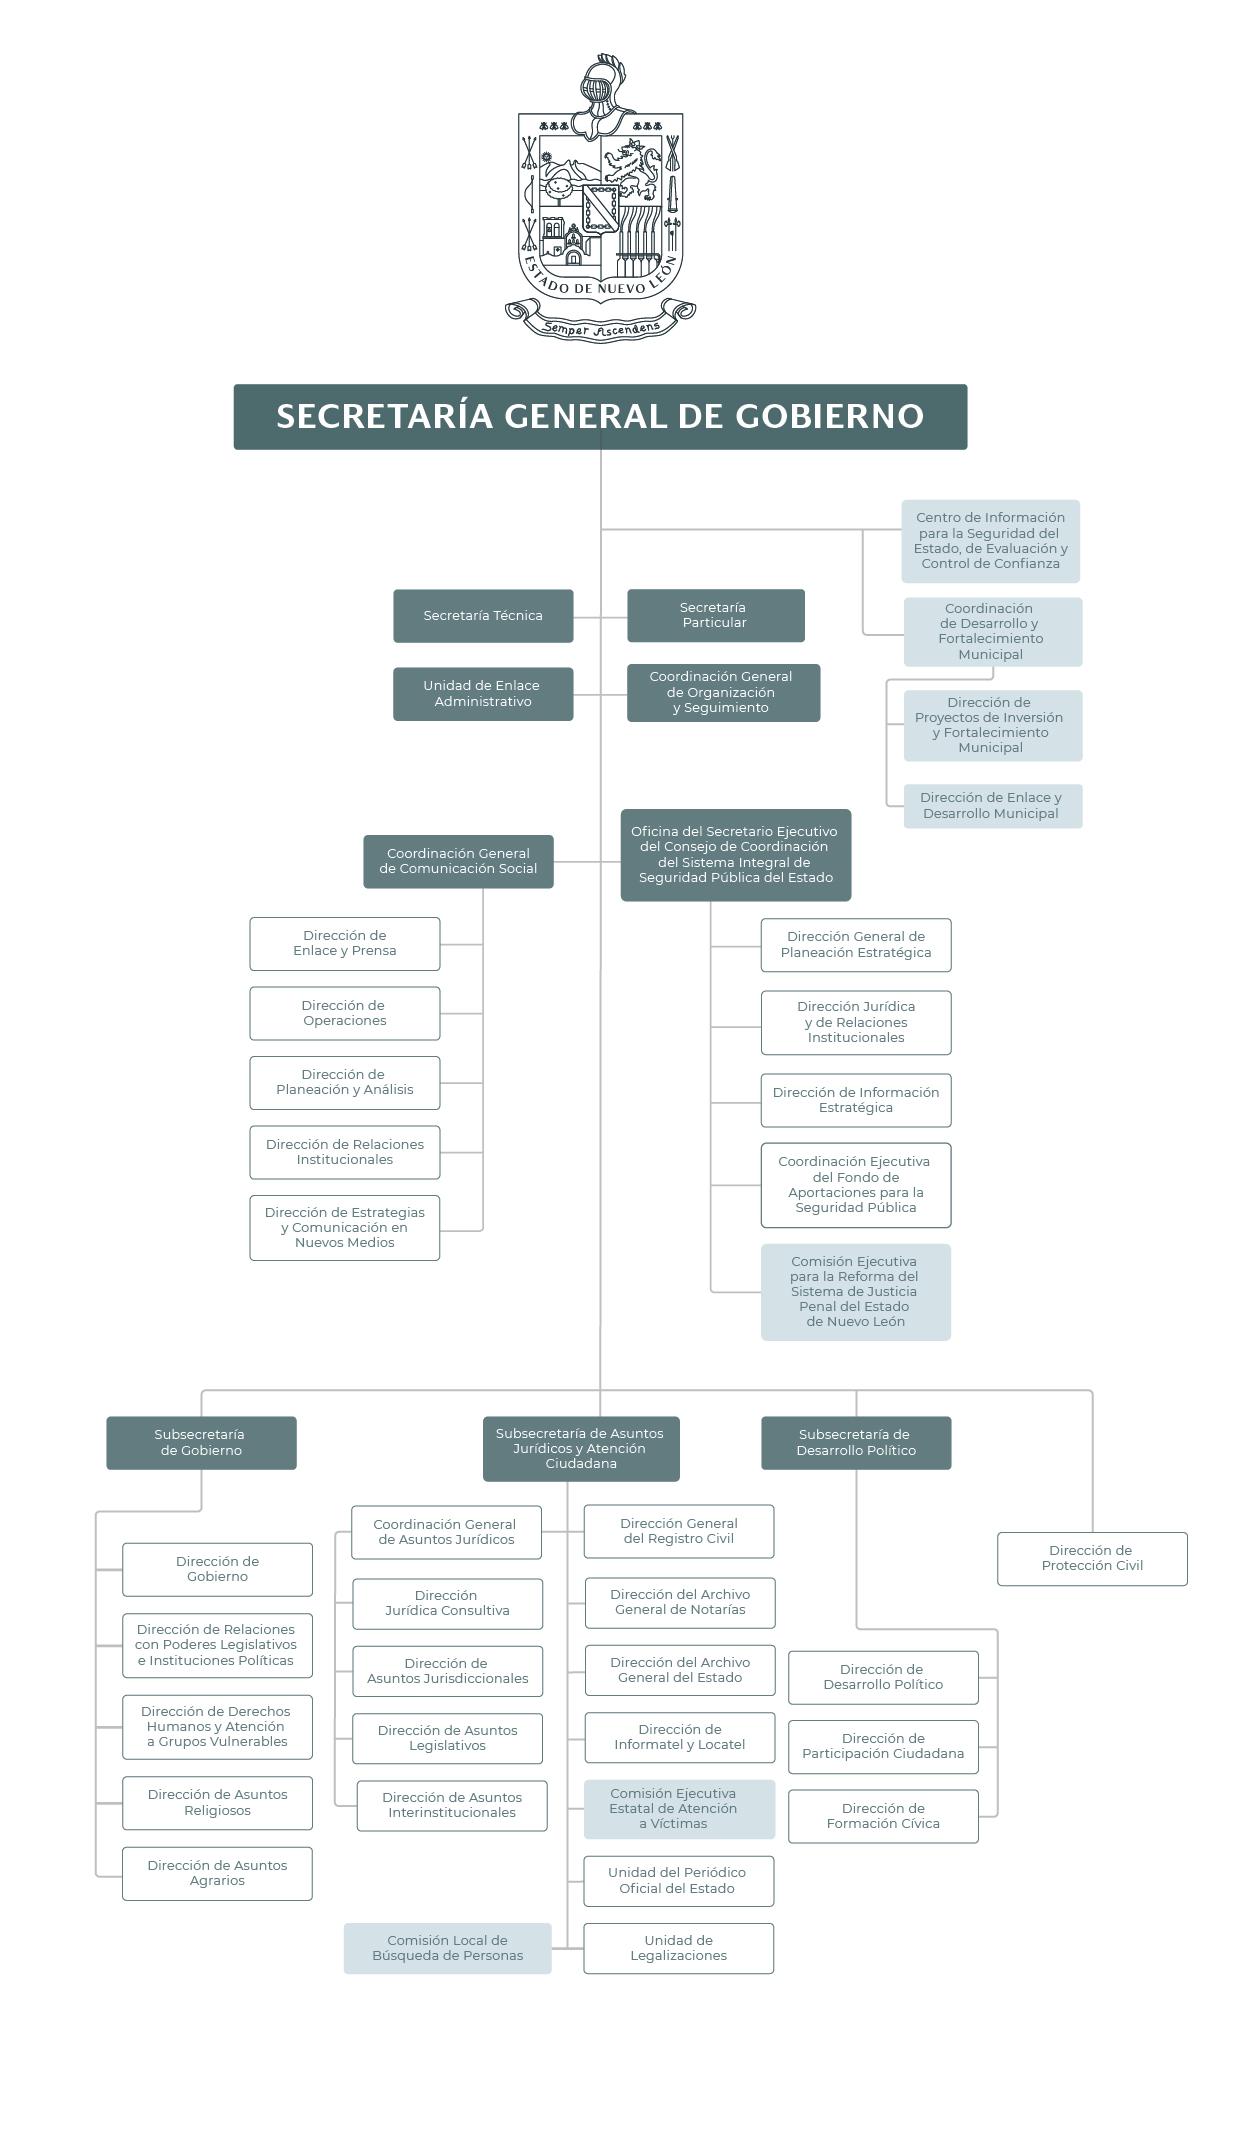 Organigrama de la Secretaría General de Gobierno